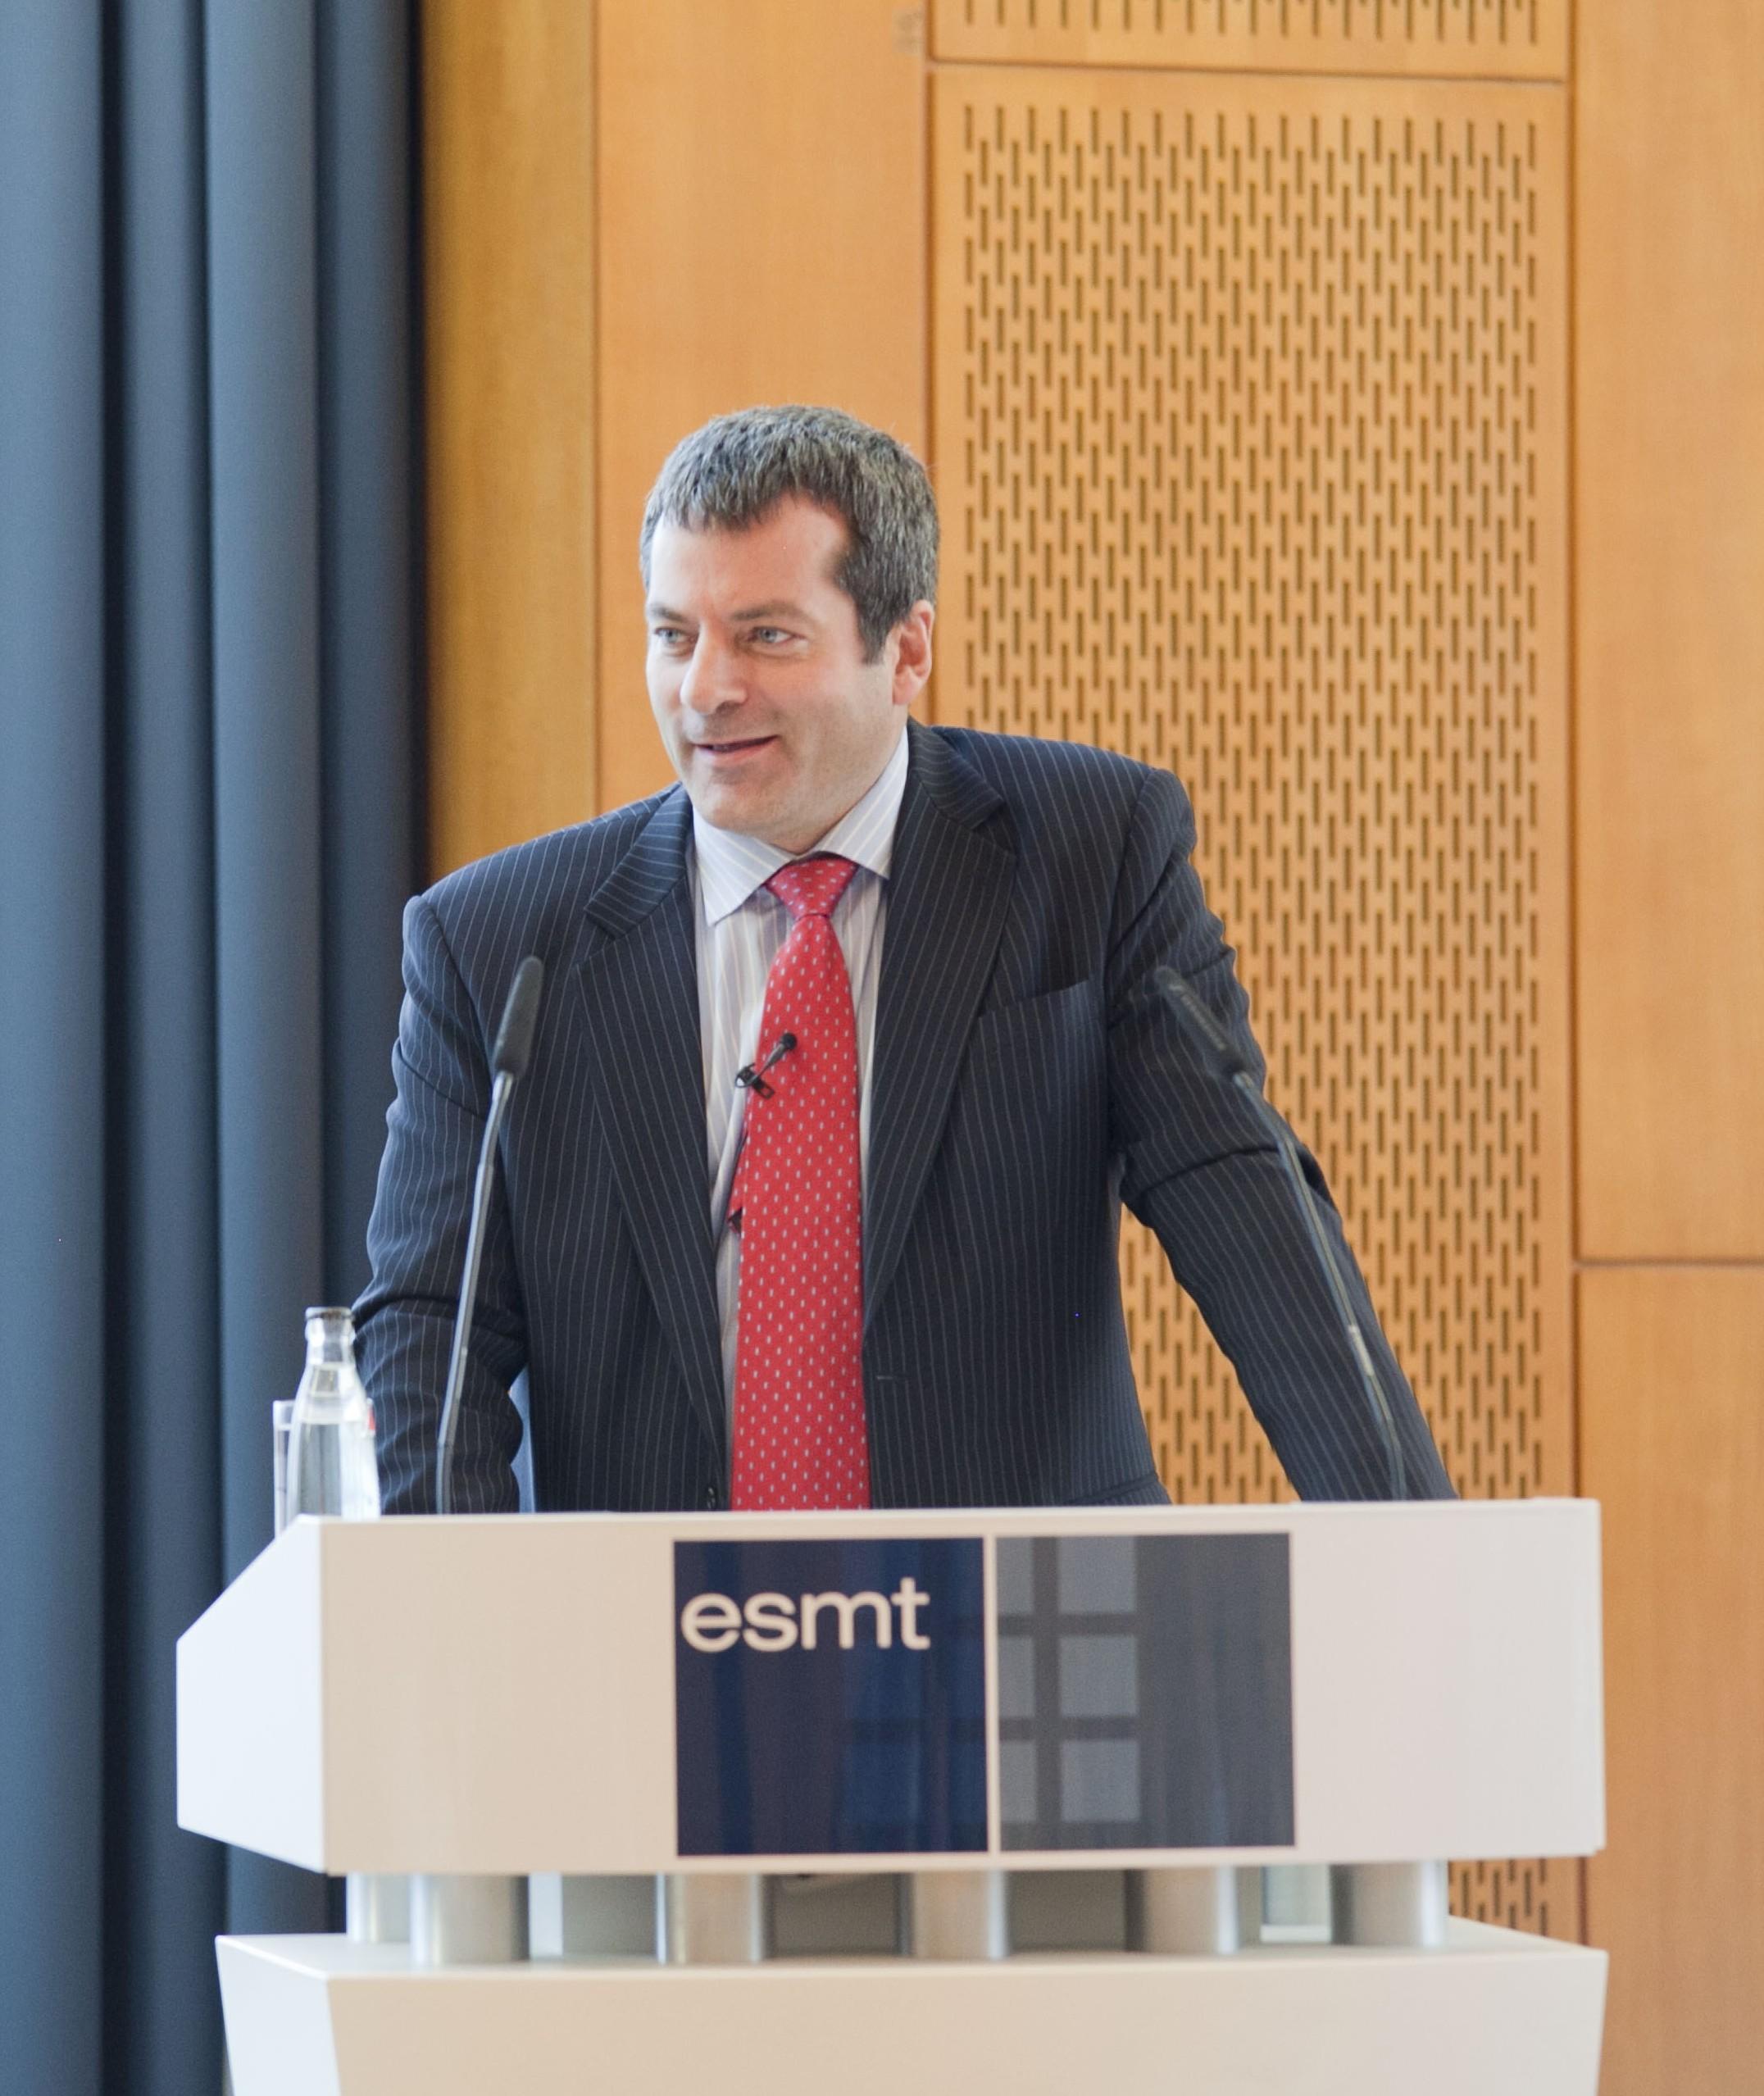 rencontre economique aix en provence 2011